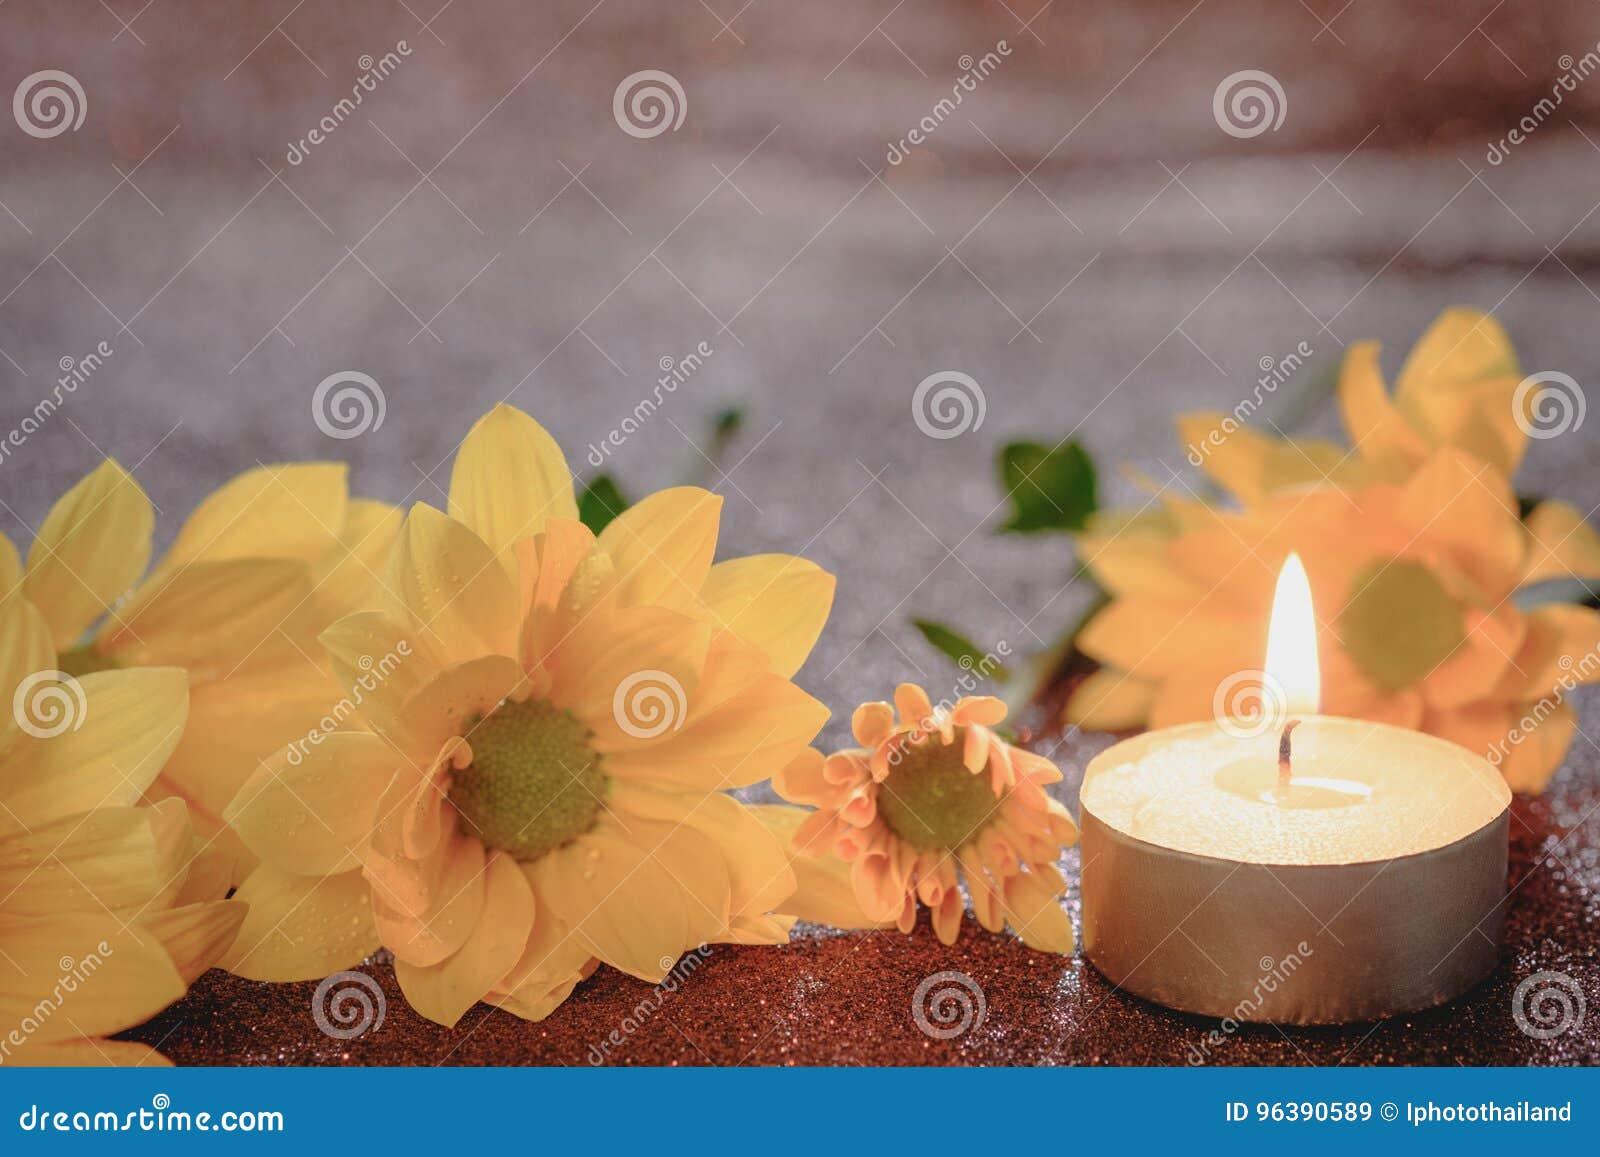 祷告和希望概念 减速火箭的蜡烛光和黄色花与光线影响和闪烁抽象背景与bokeh defo